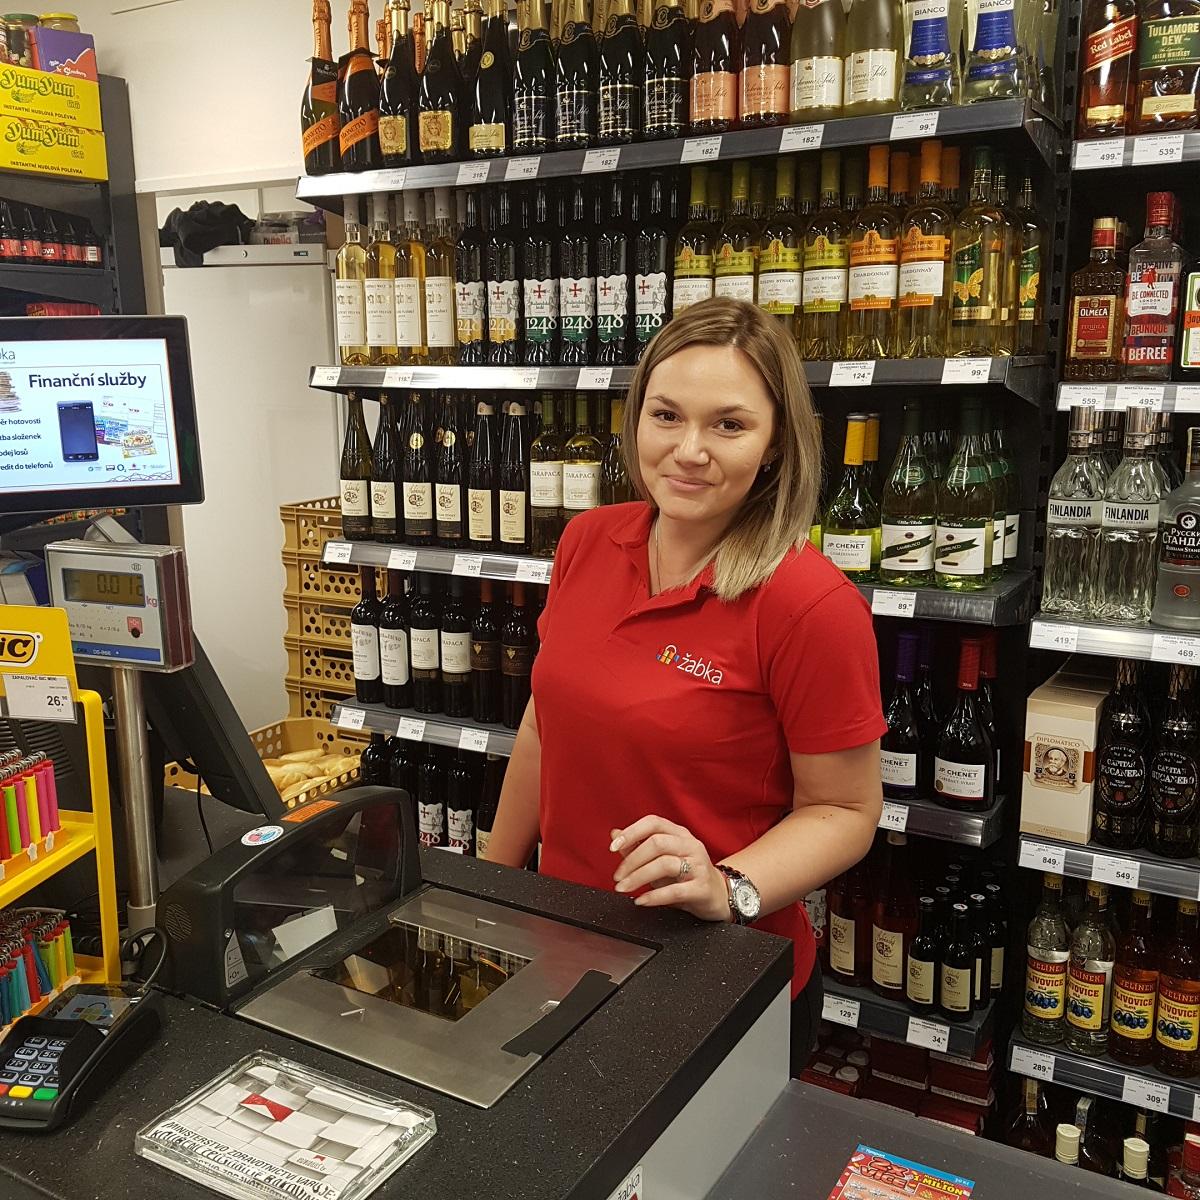 V centru Prahy se na konci června otevřela další nová prodejna obchodní  sítě Žabka. Zákazníci v Havelské ulici naleznou útulný a skvěle zásobený  obchod b87671ed3a